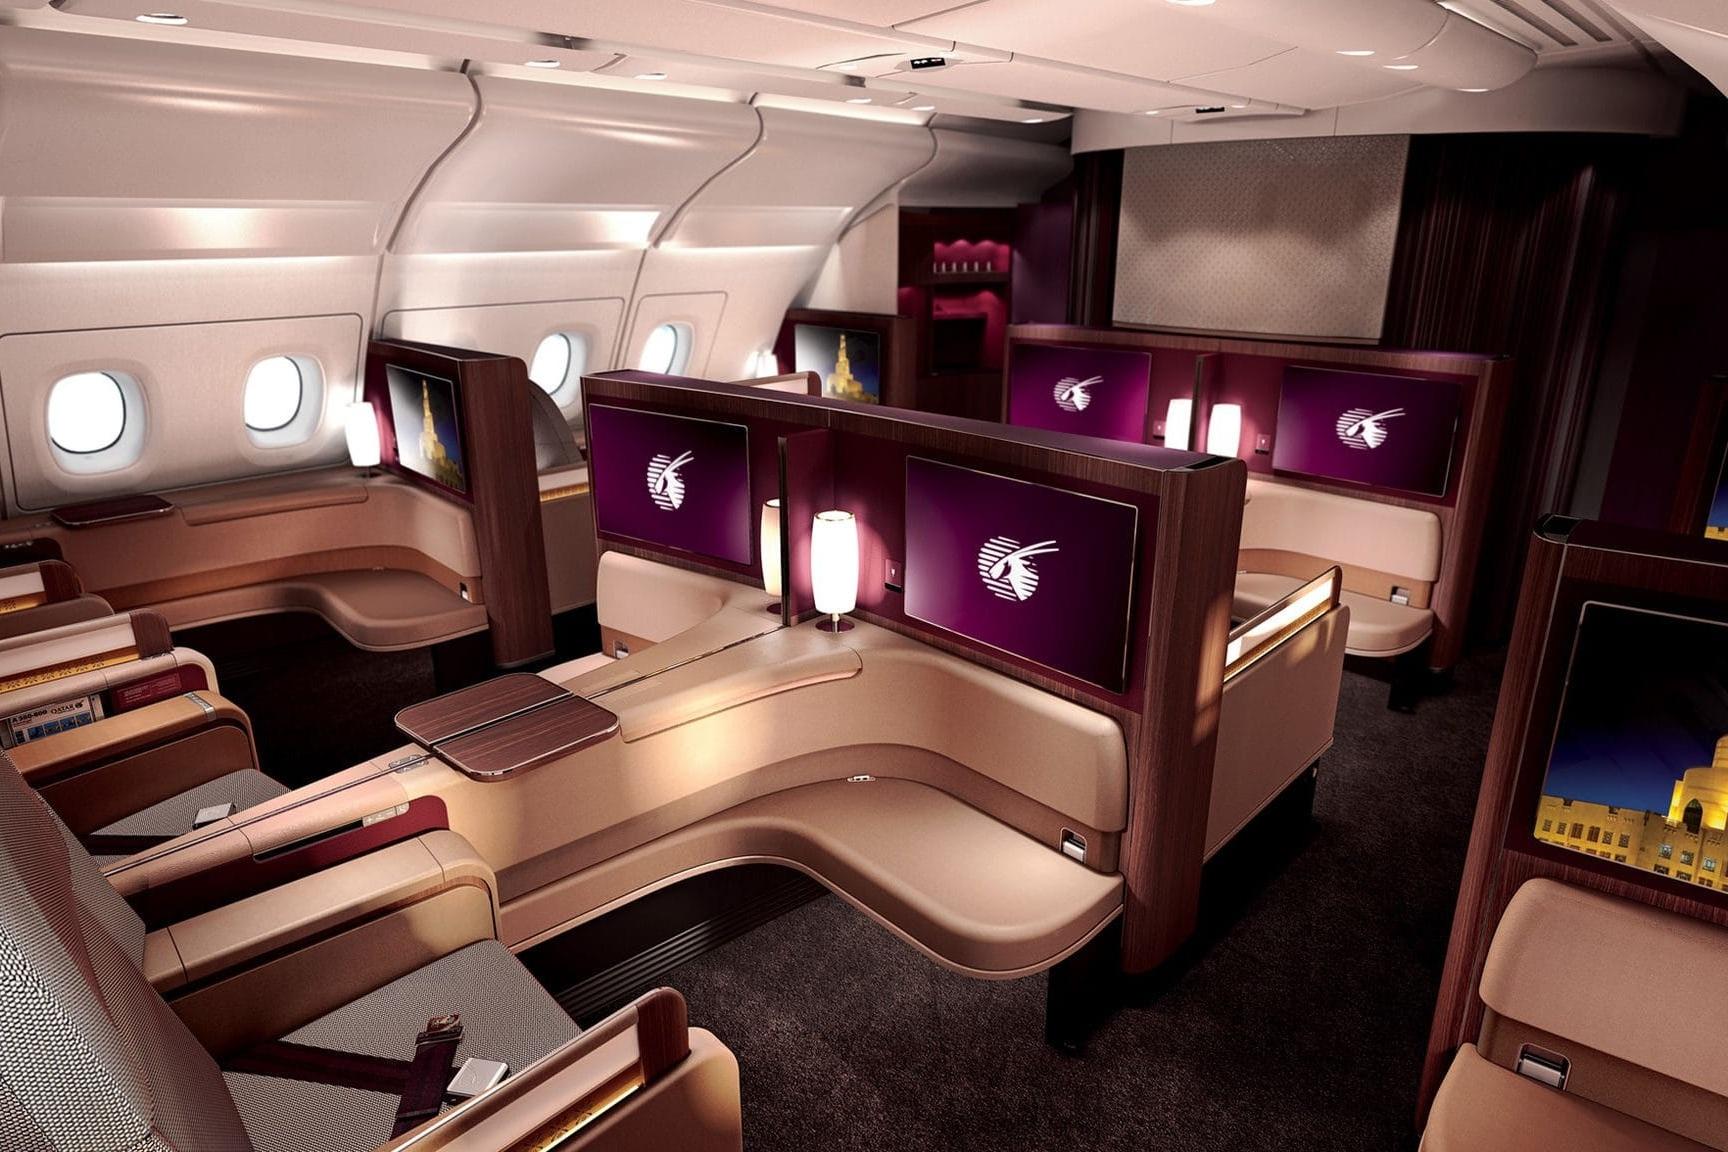 Qatar Airways A380 First Class